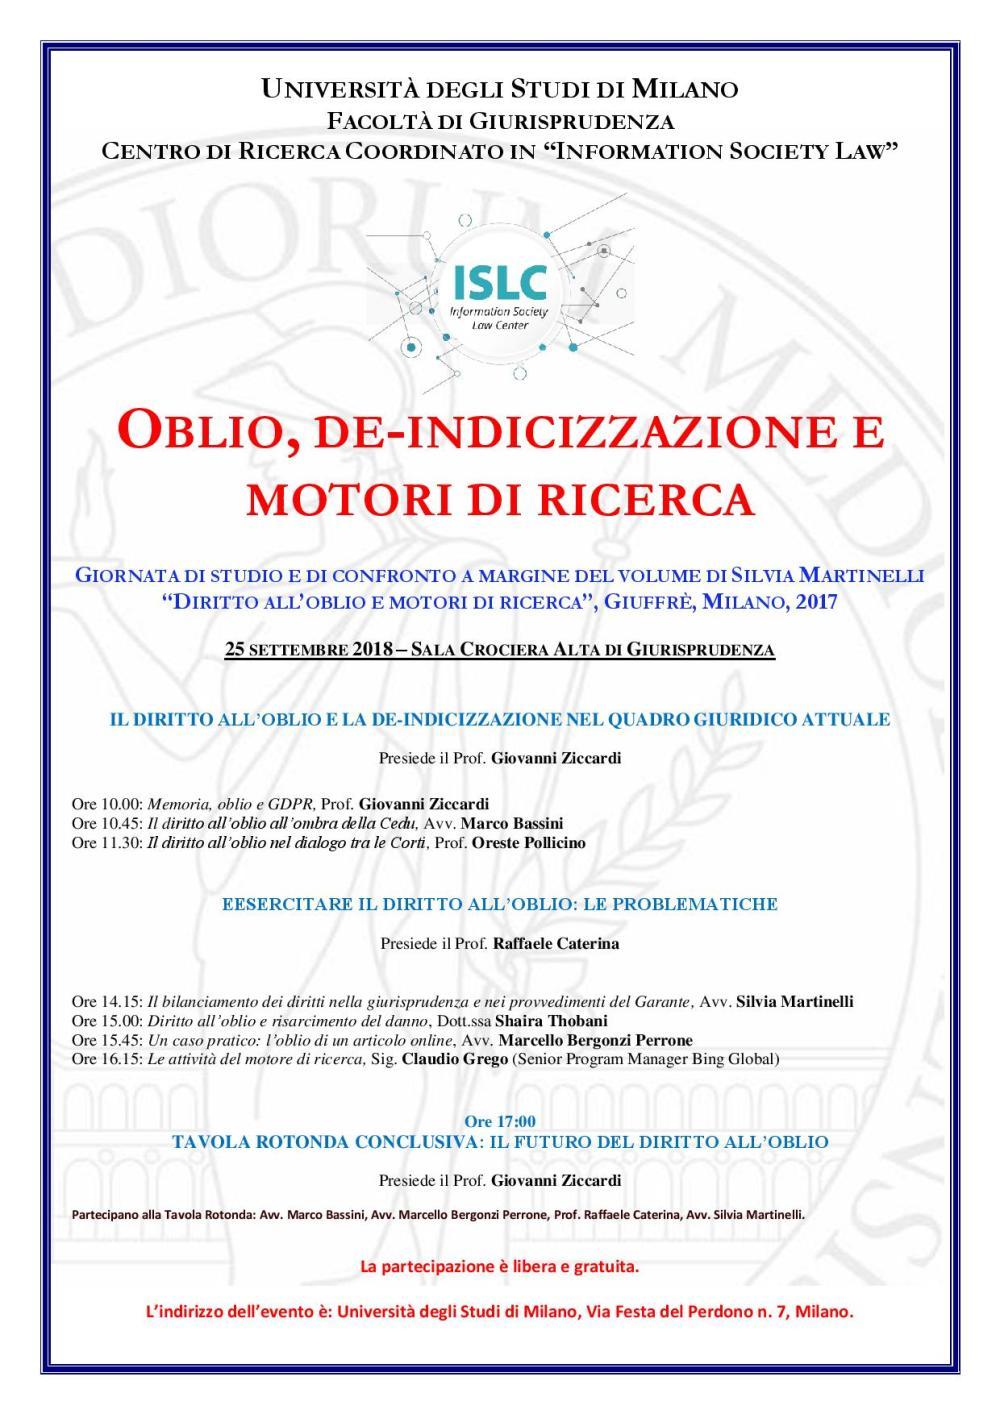 NUOVA Locandina Silvia Oblio e motori di ricerca 25 settembre